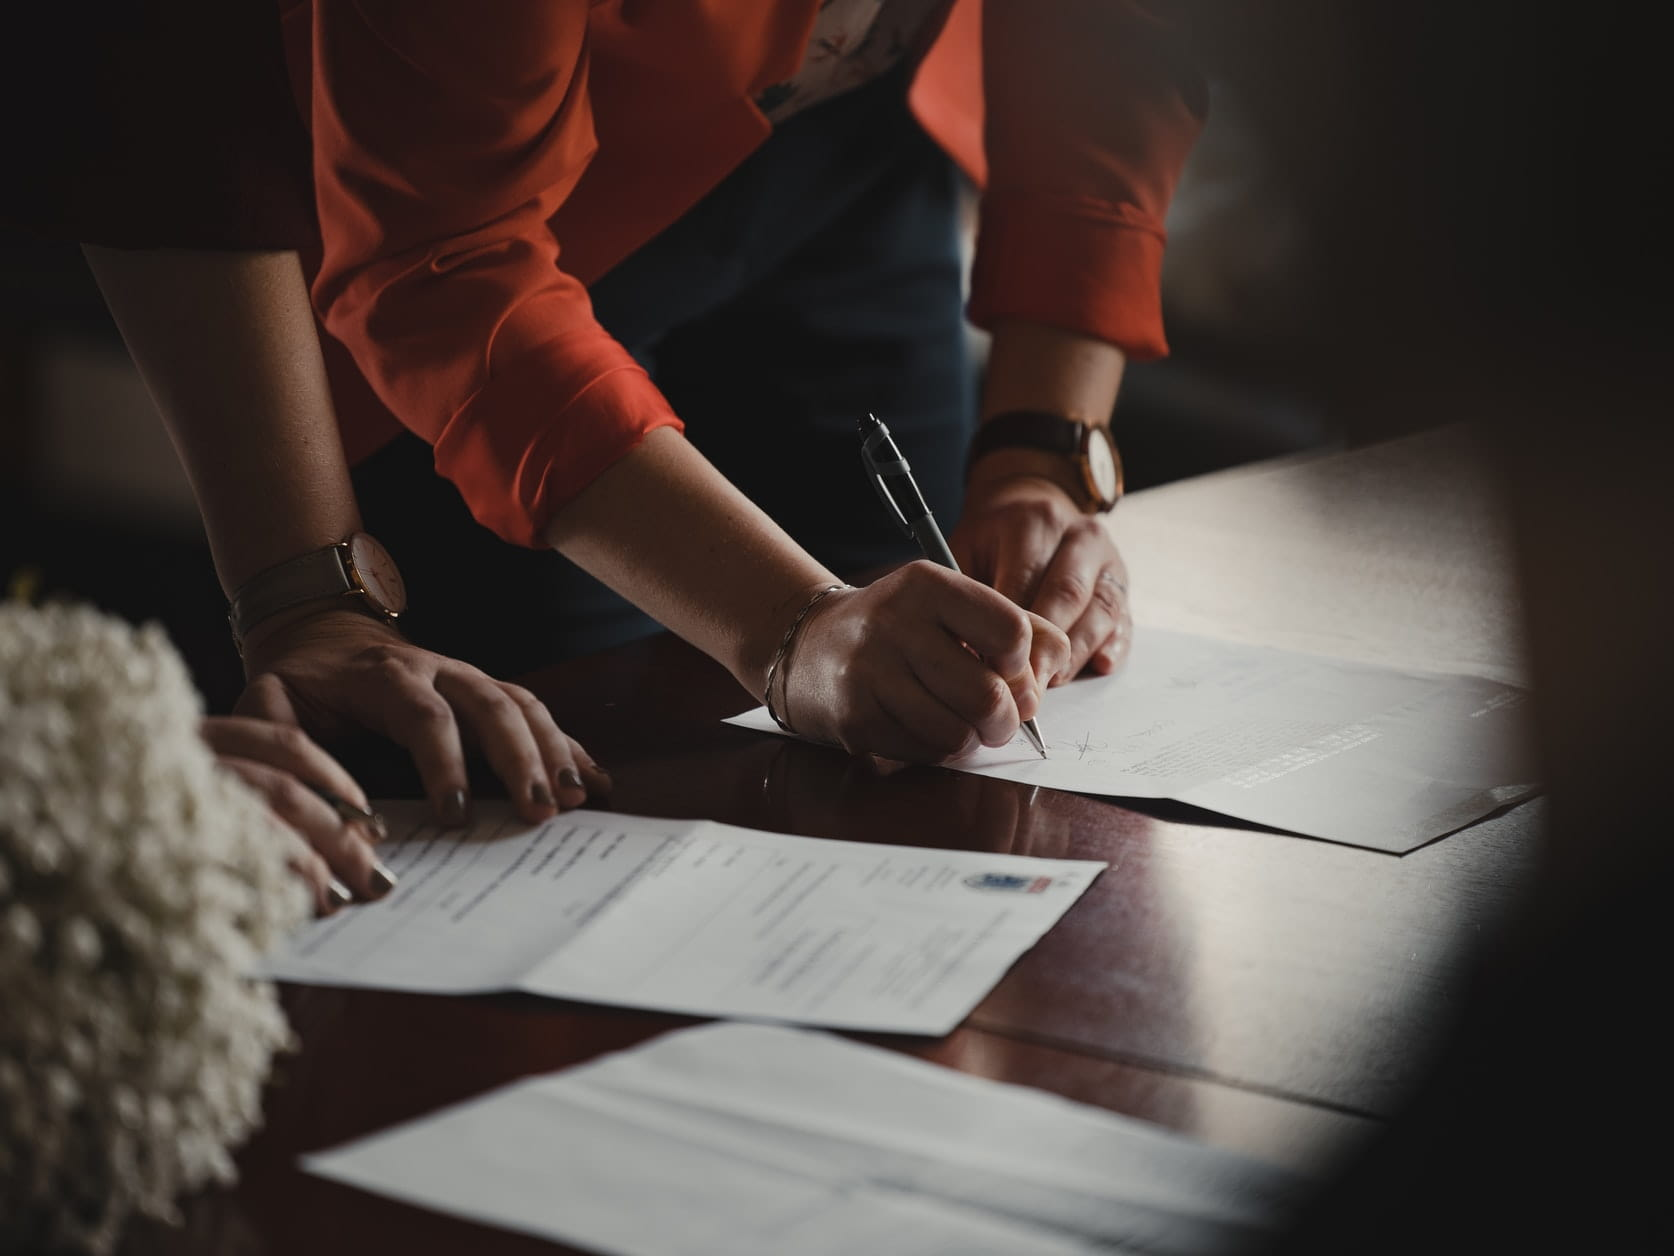 rupture conventionnelle reconversion professionnelle demander une rupture conventionnelle pour reconversion professionnelle indemnité rupture conventionnelle